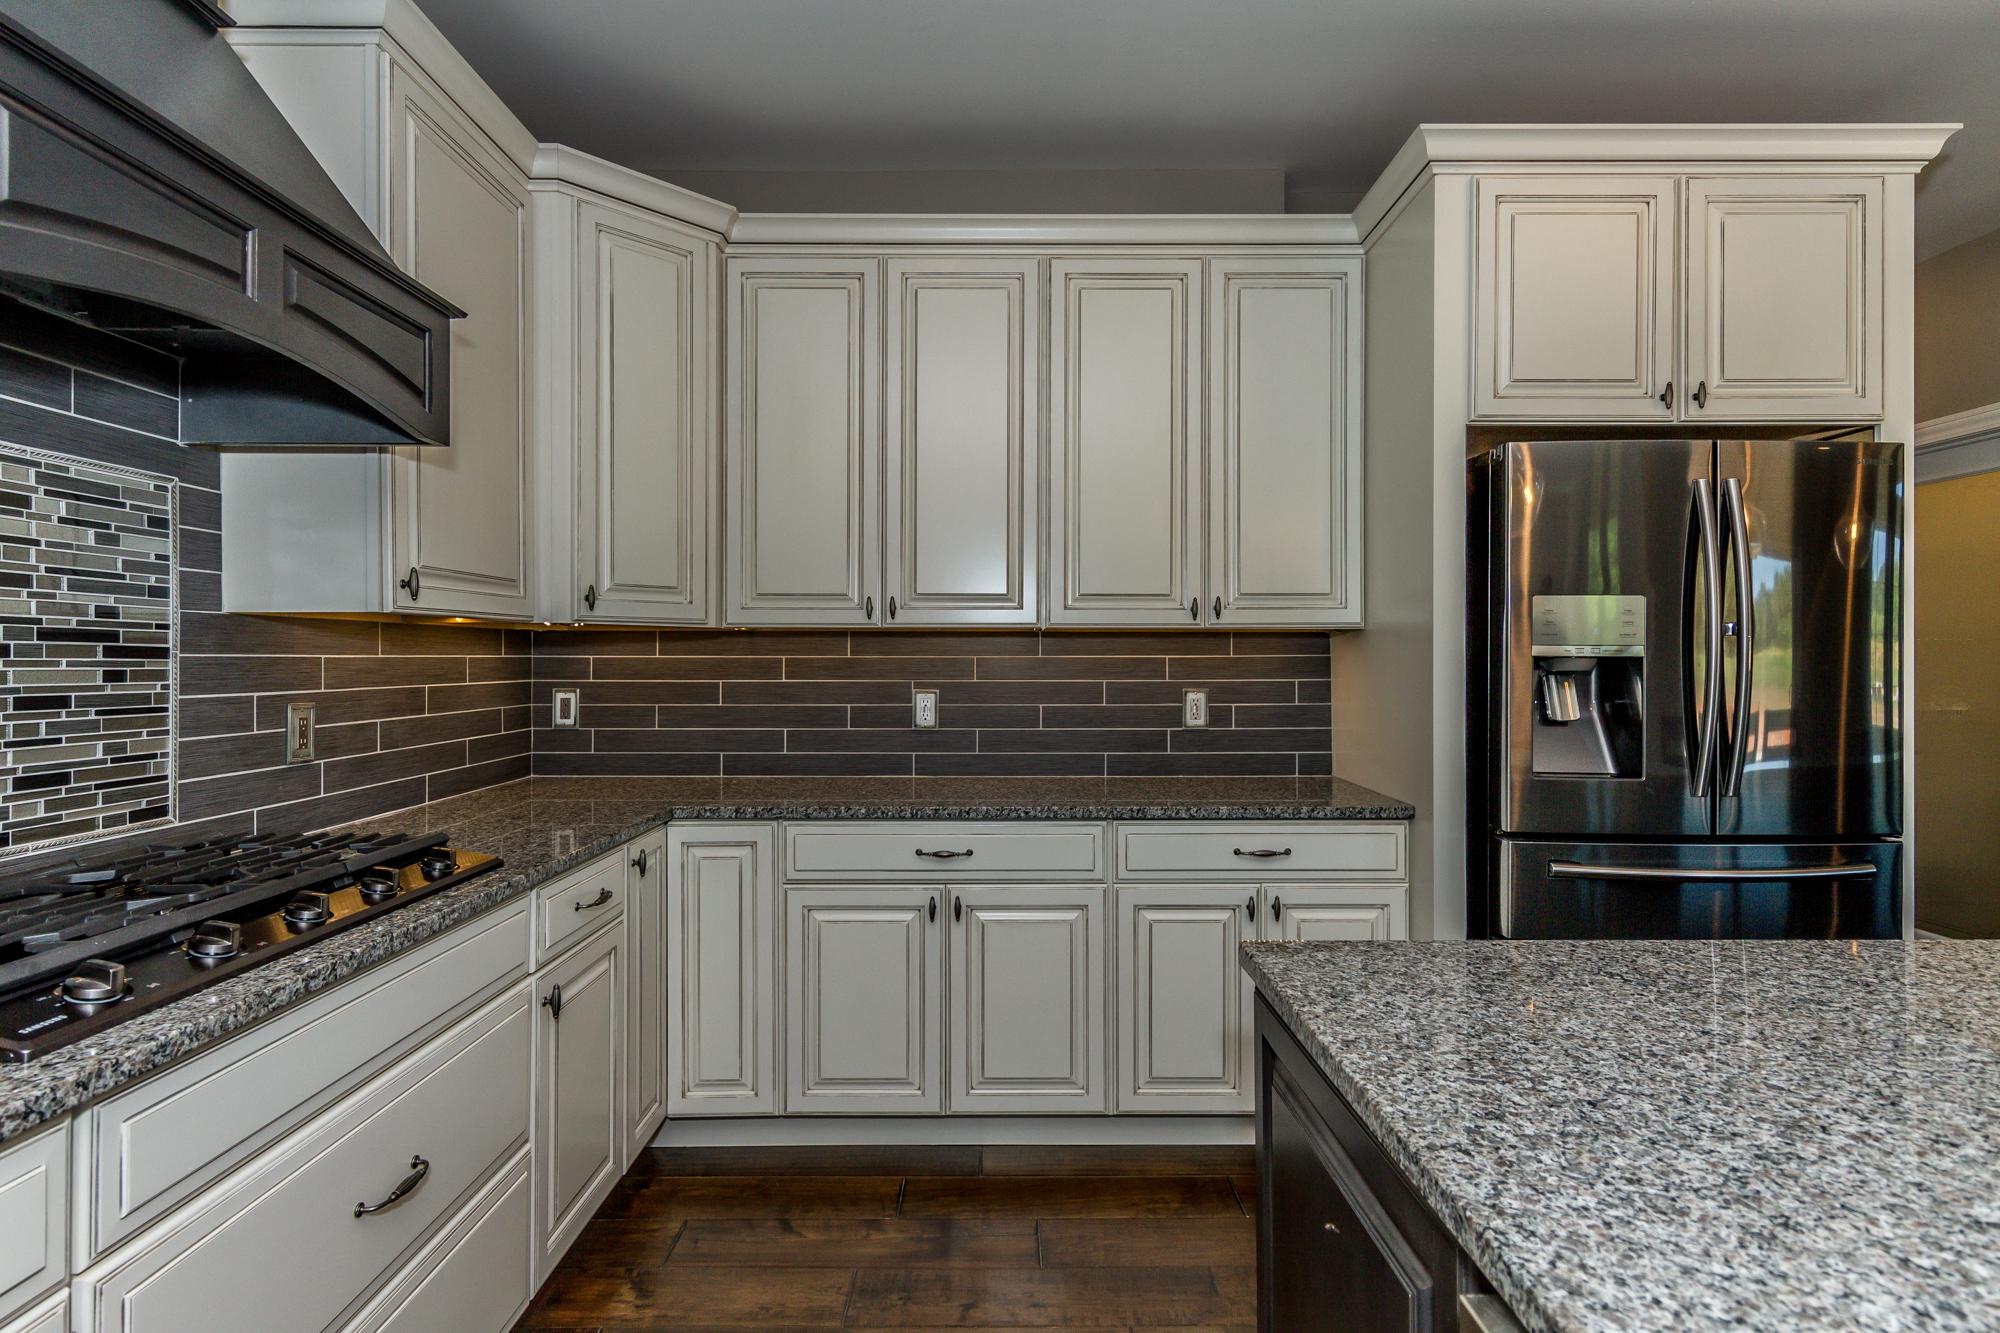 New-Construction-For-Sale-O'Fallon-Illinois-CR-Holland-0-45.jpg